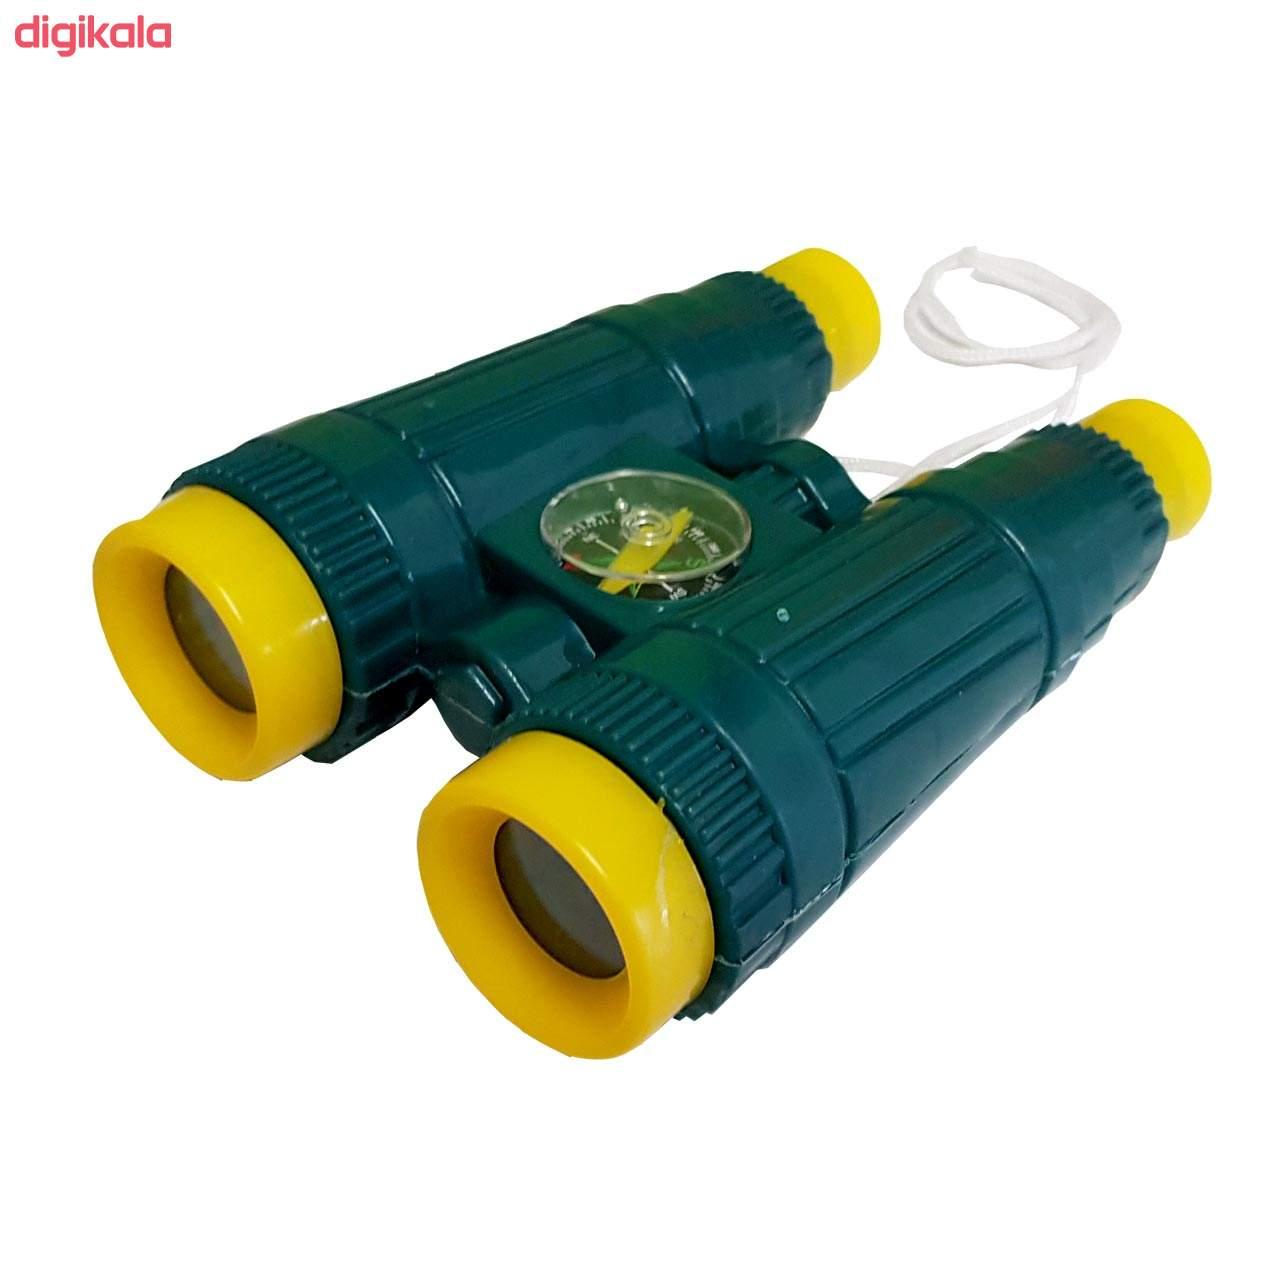 دوربین جنگی اسباب بازی کد gh-007 main 1 1